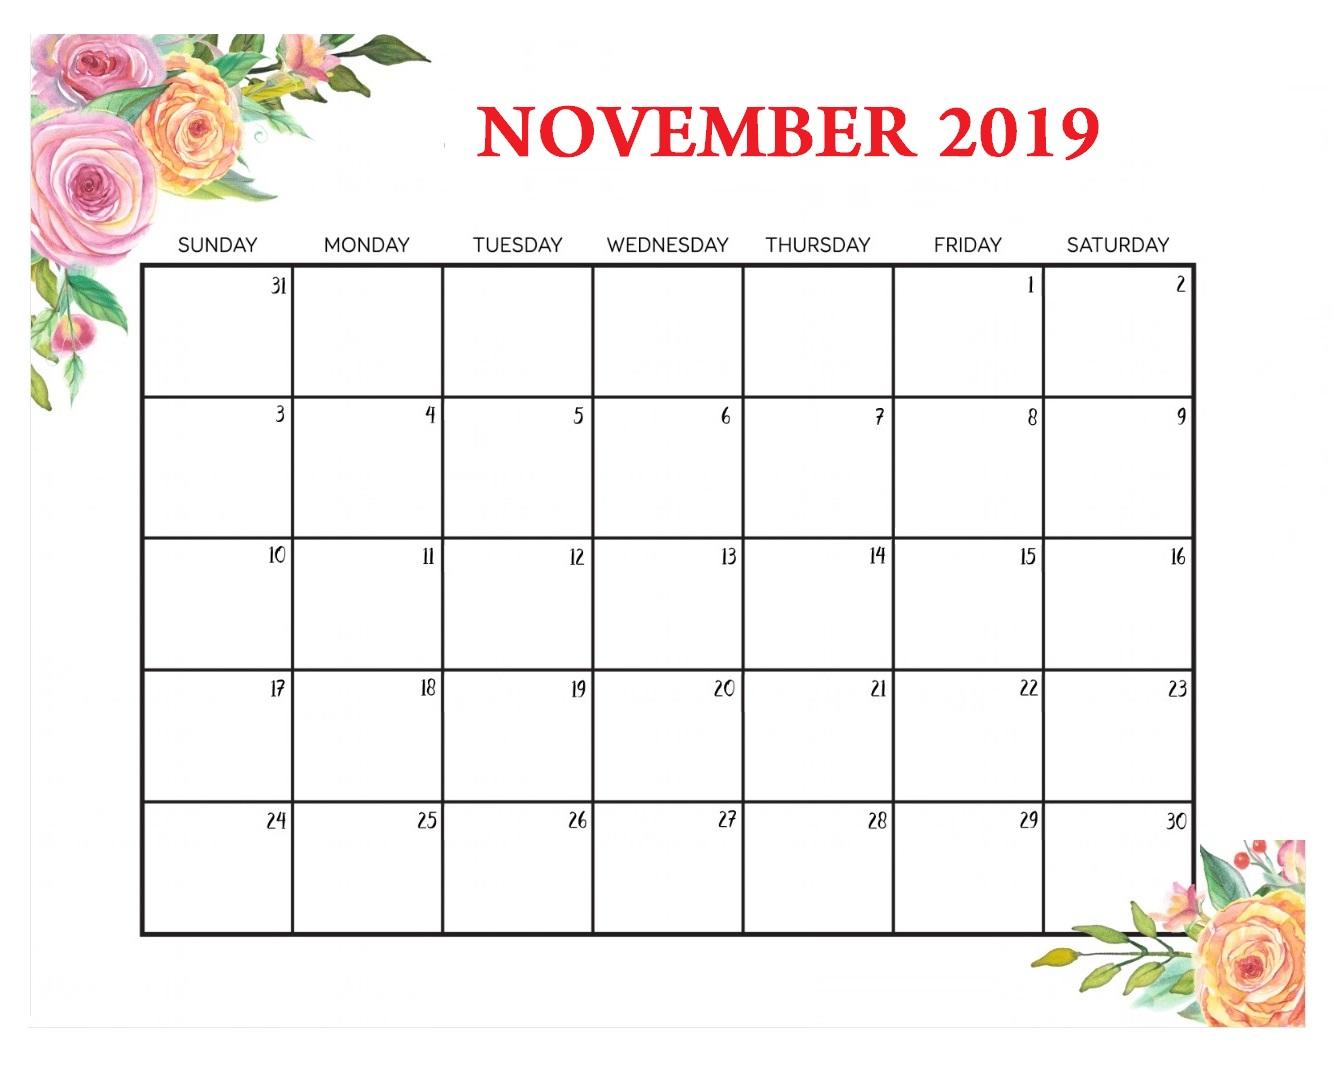 Floral November 2019 Desk Calendar